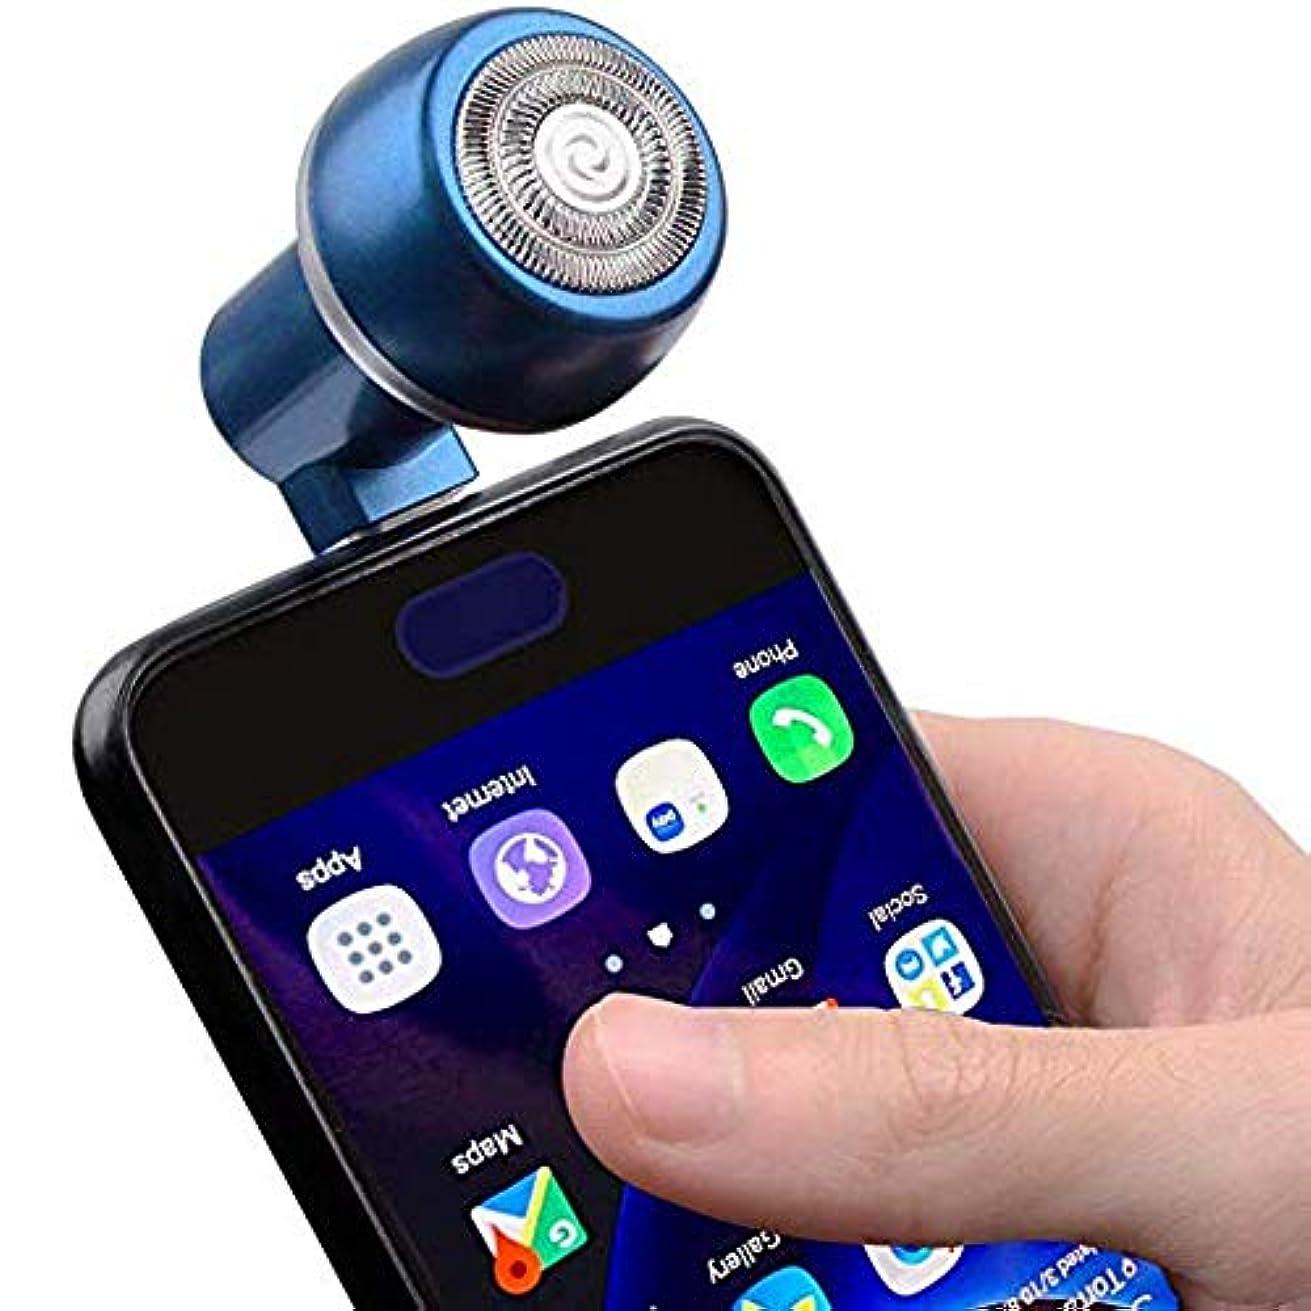 法的軽食安全性アネラ電気シェーバーかみそり男性女性、旅行ヘアトリマーポータブルミニ磁気吸引電話かみそり(マイクロ+ usb)1ピース